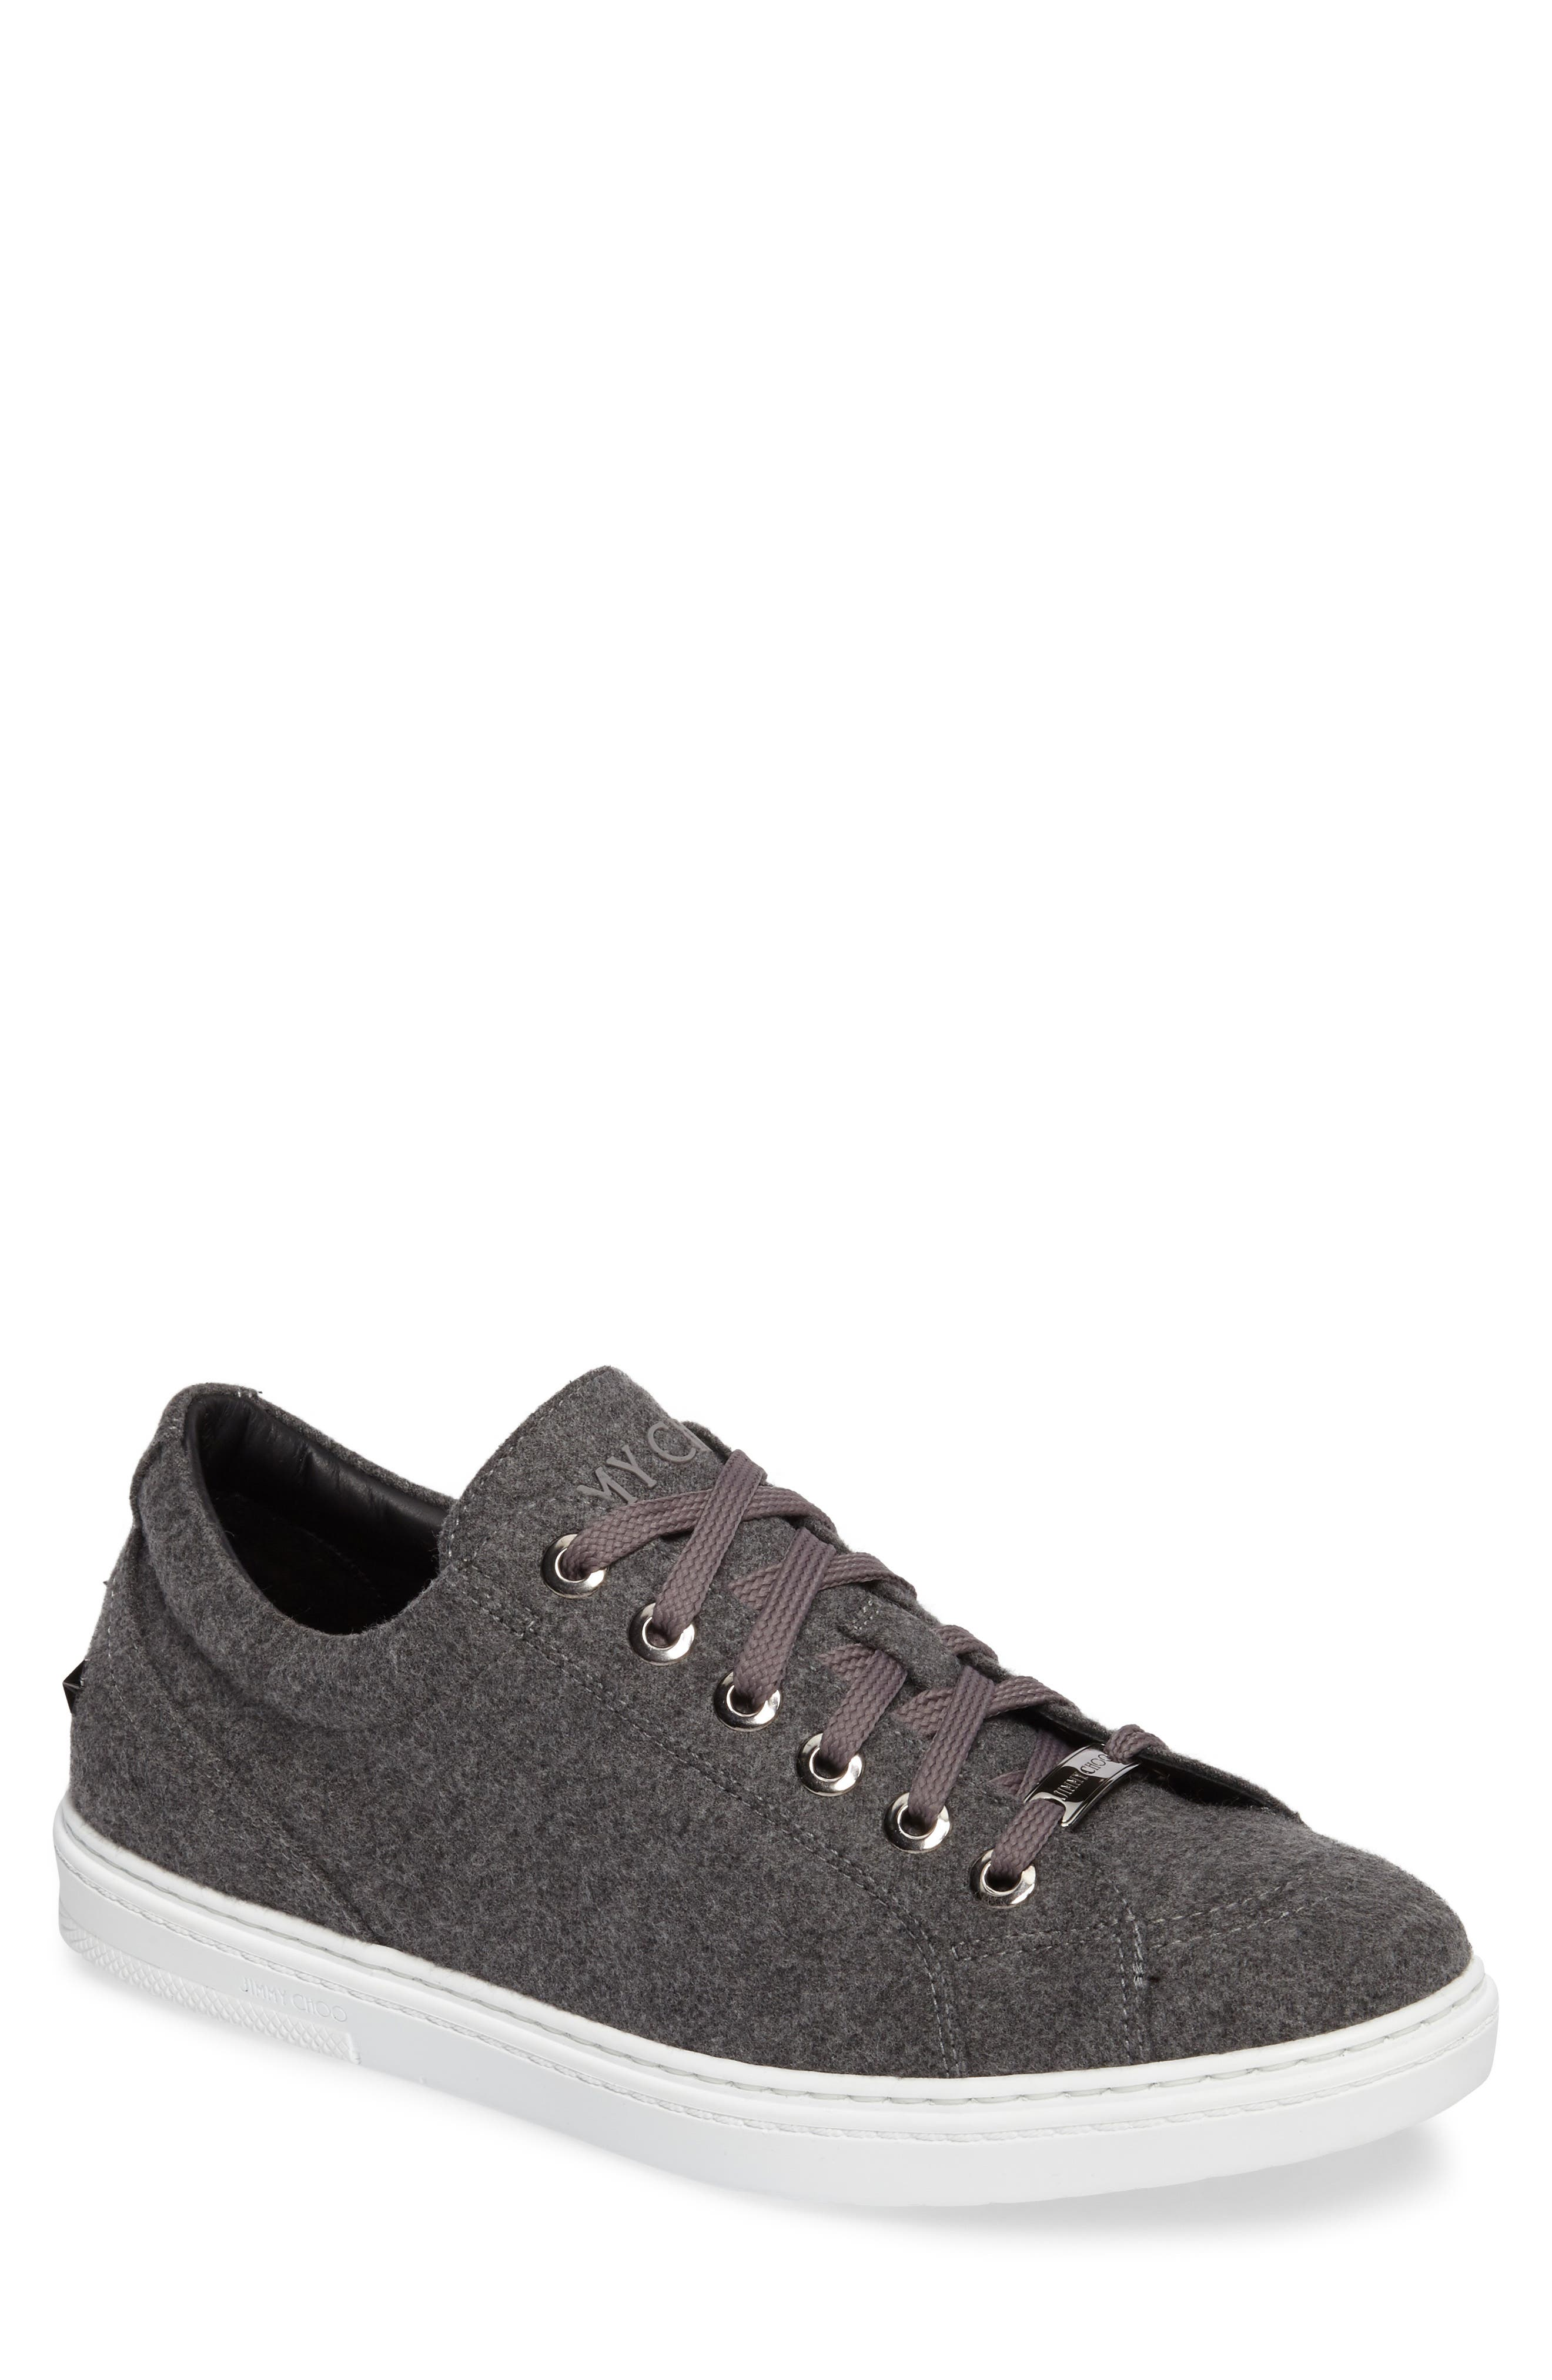 Low Top Sneaker,                             Main thumbnail 1, color,                             030